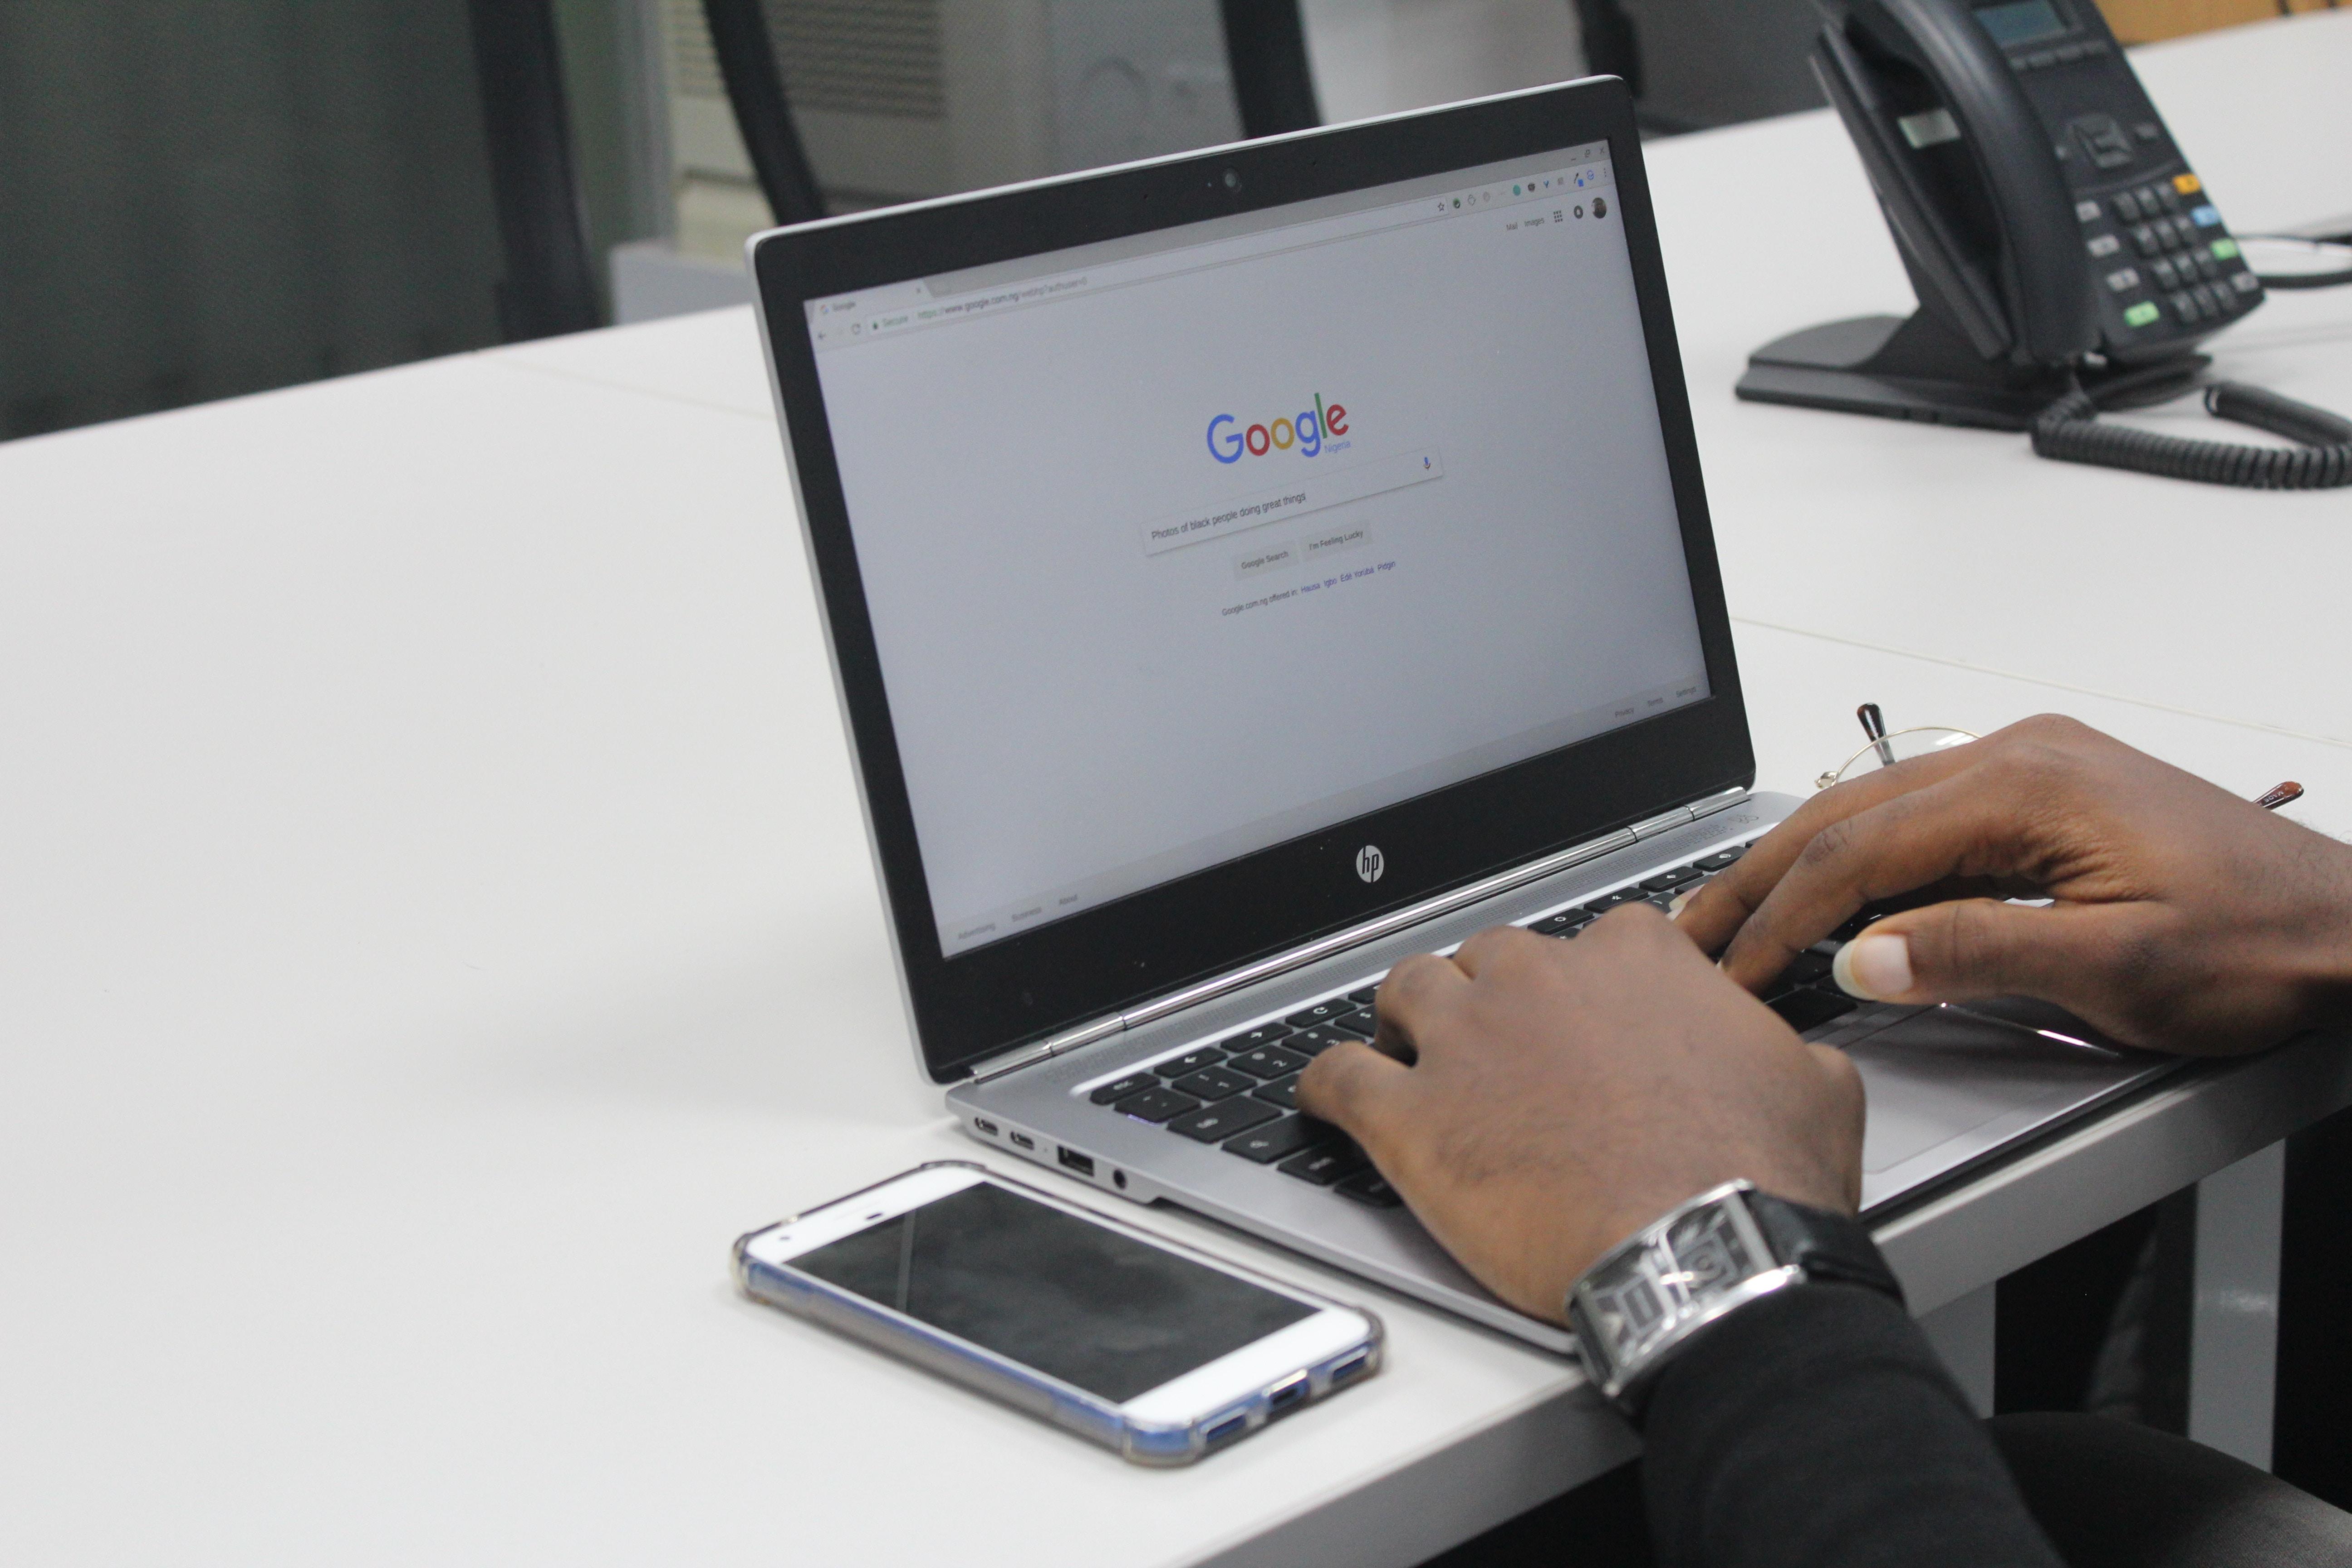 Cara Mencari Dan Menyimpan Gambar Kualitas Tinggi Di Google